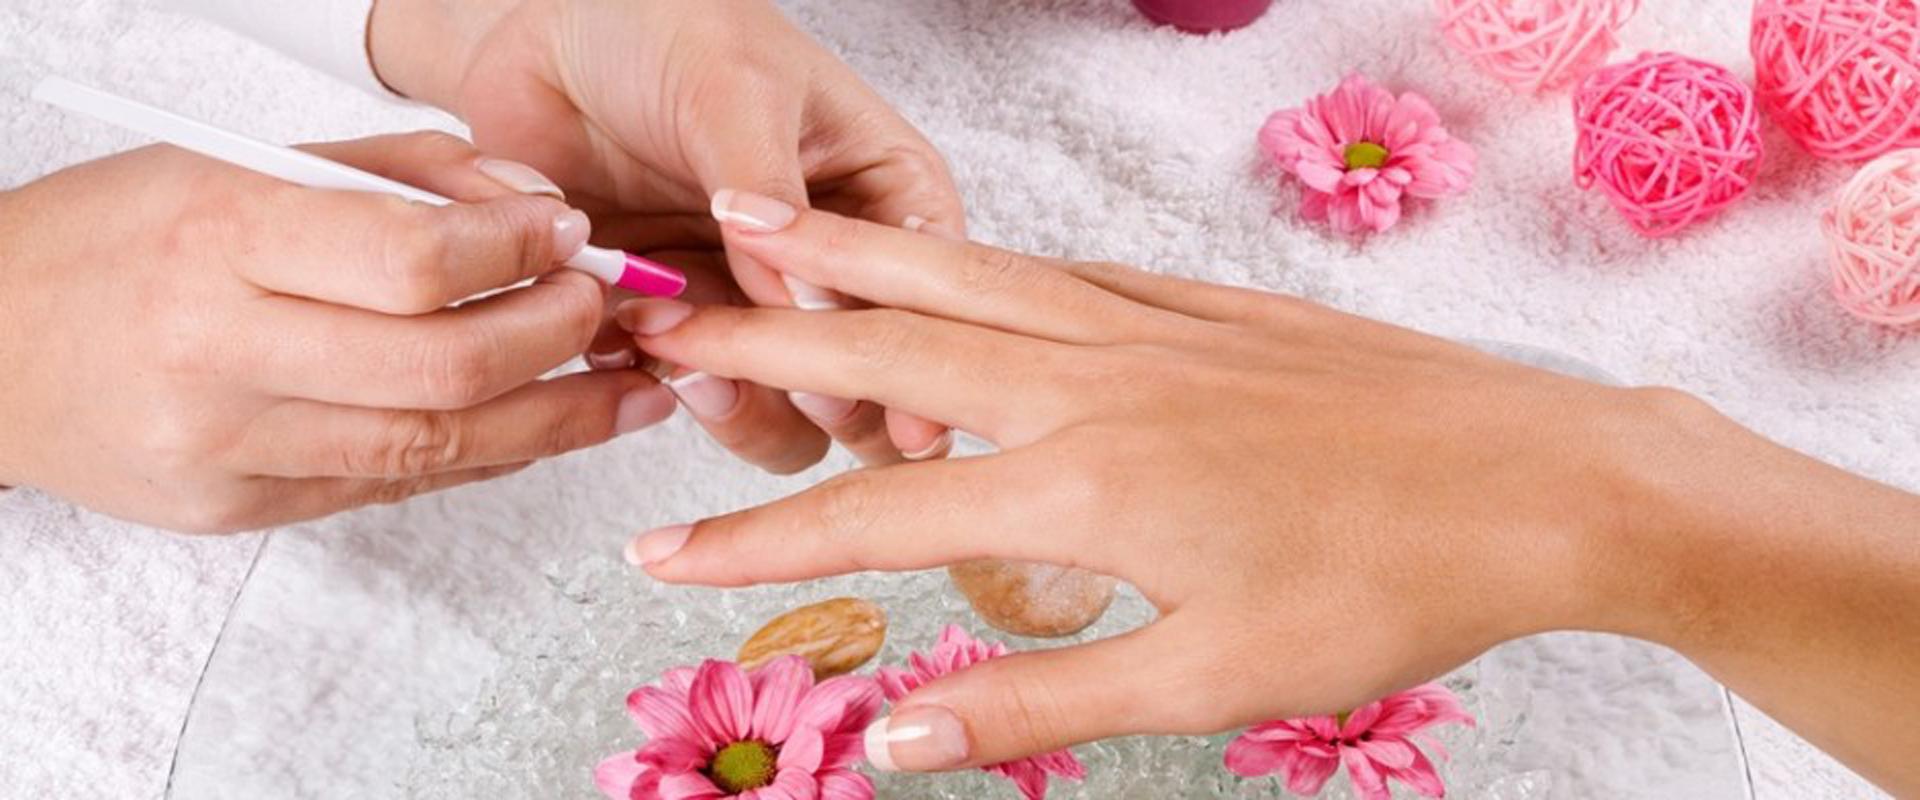 mobile nail salon nyc